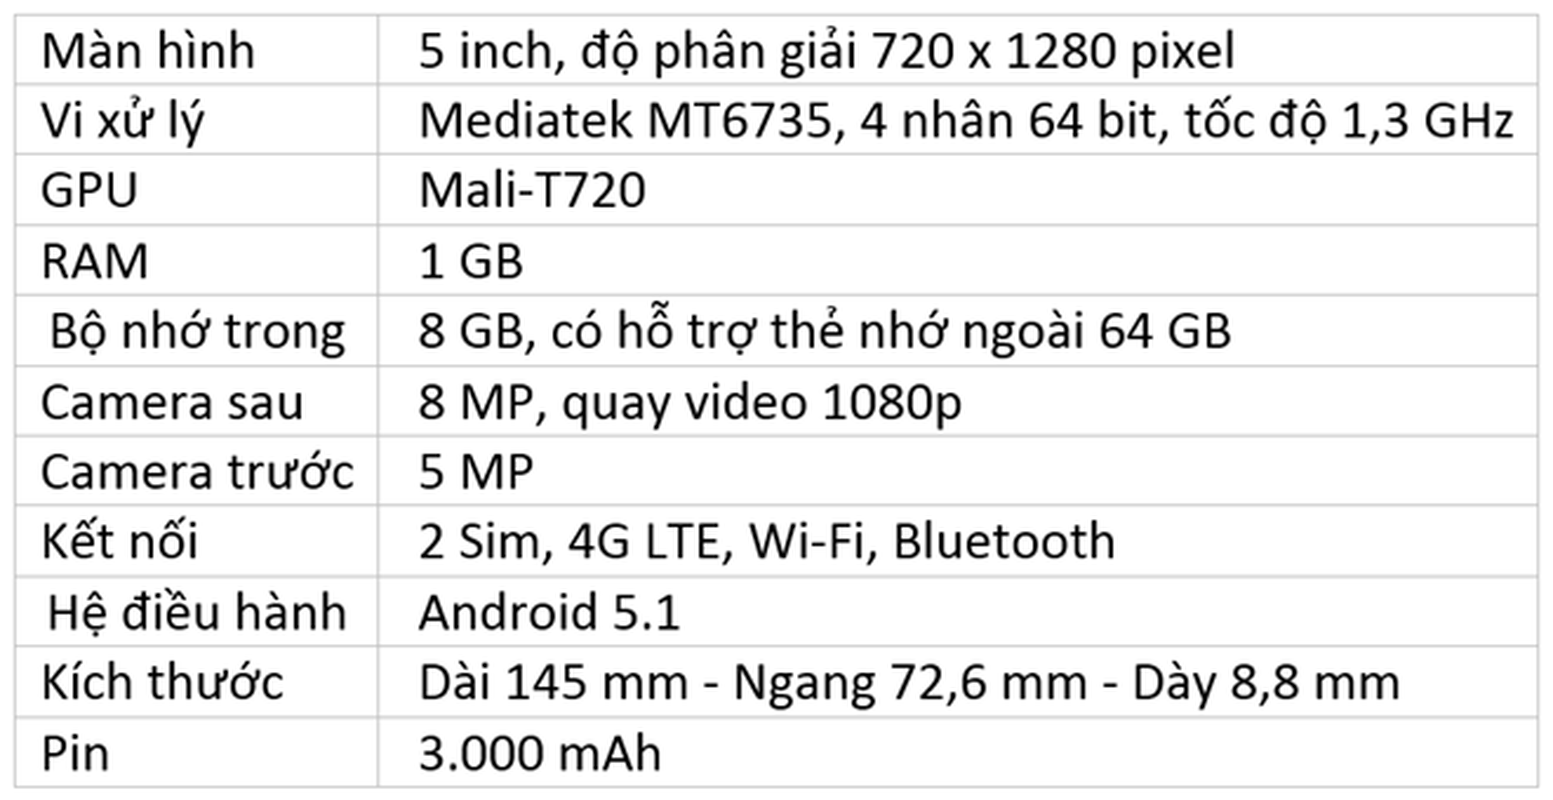 Soi dien thoai Brahmos 4G - smartphone 4G An Do vua toi VN-Hinh-3